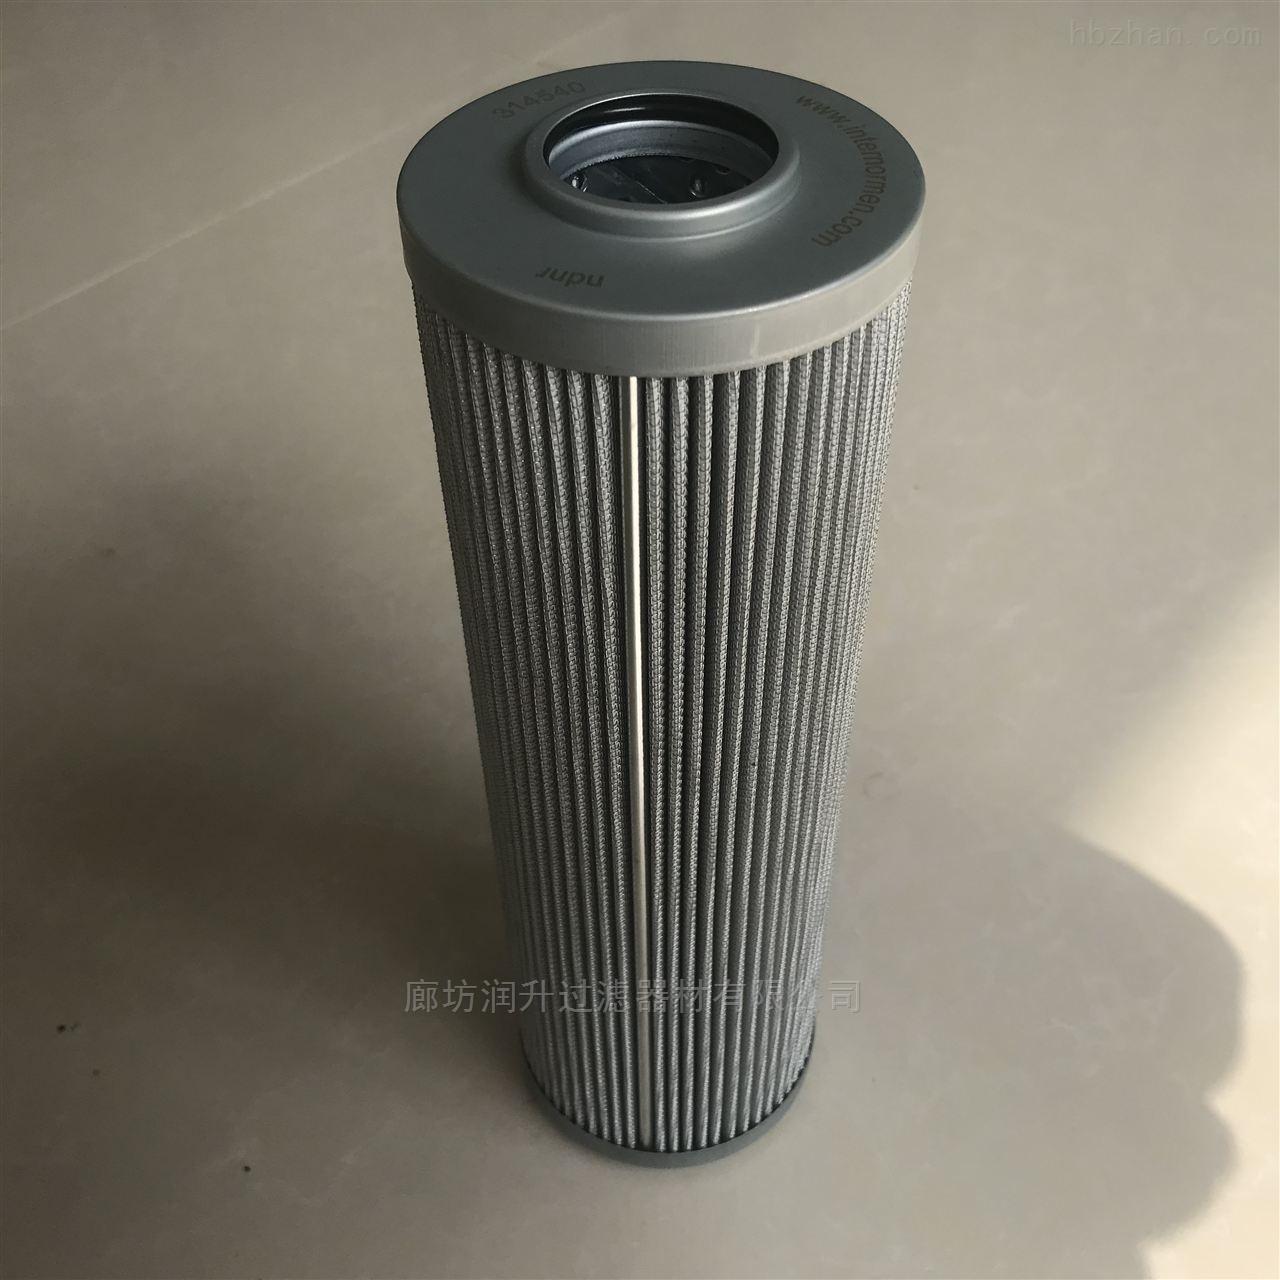 邢台DFM40PP005A01滤芯厂家批发